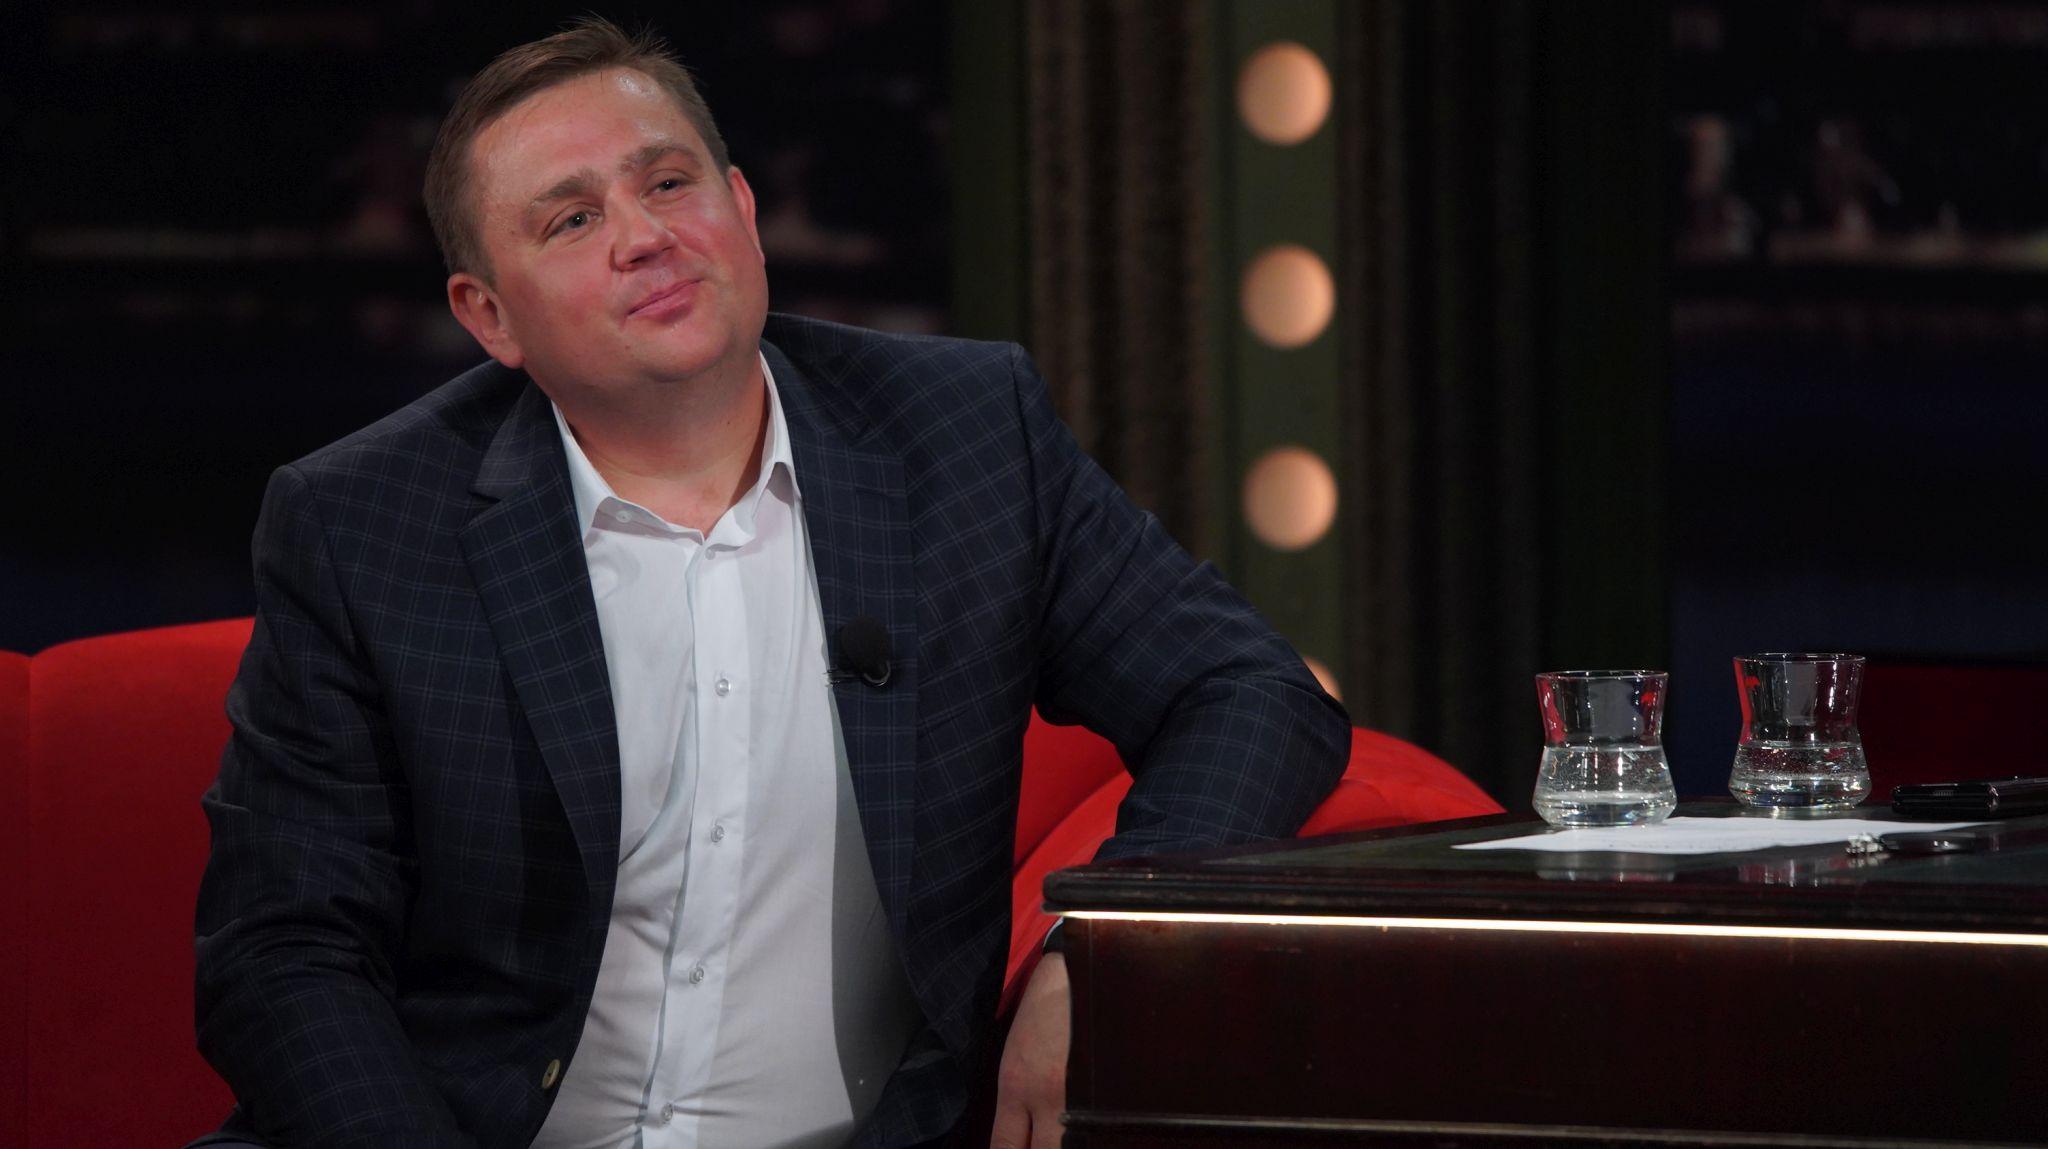 Šéfkuchař Jan Punčochář v SJK 12. 5. 2021